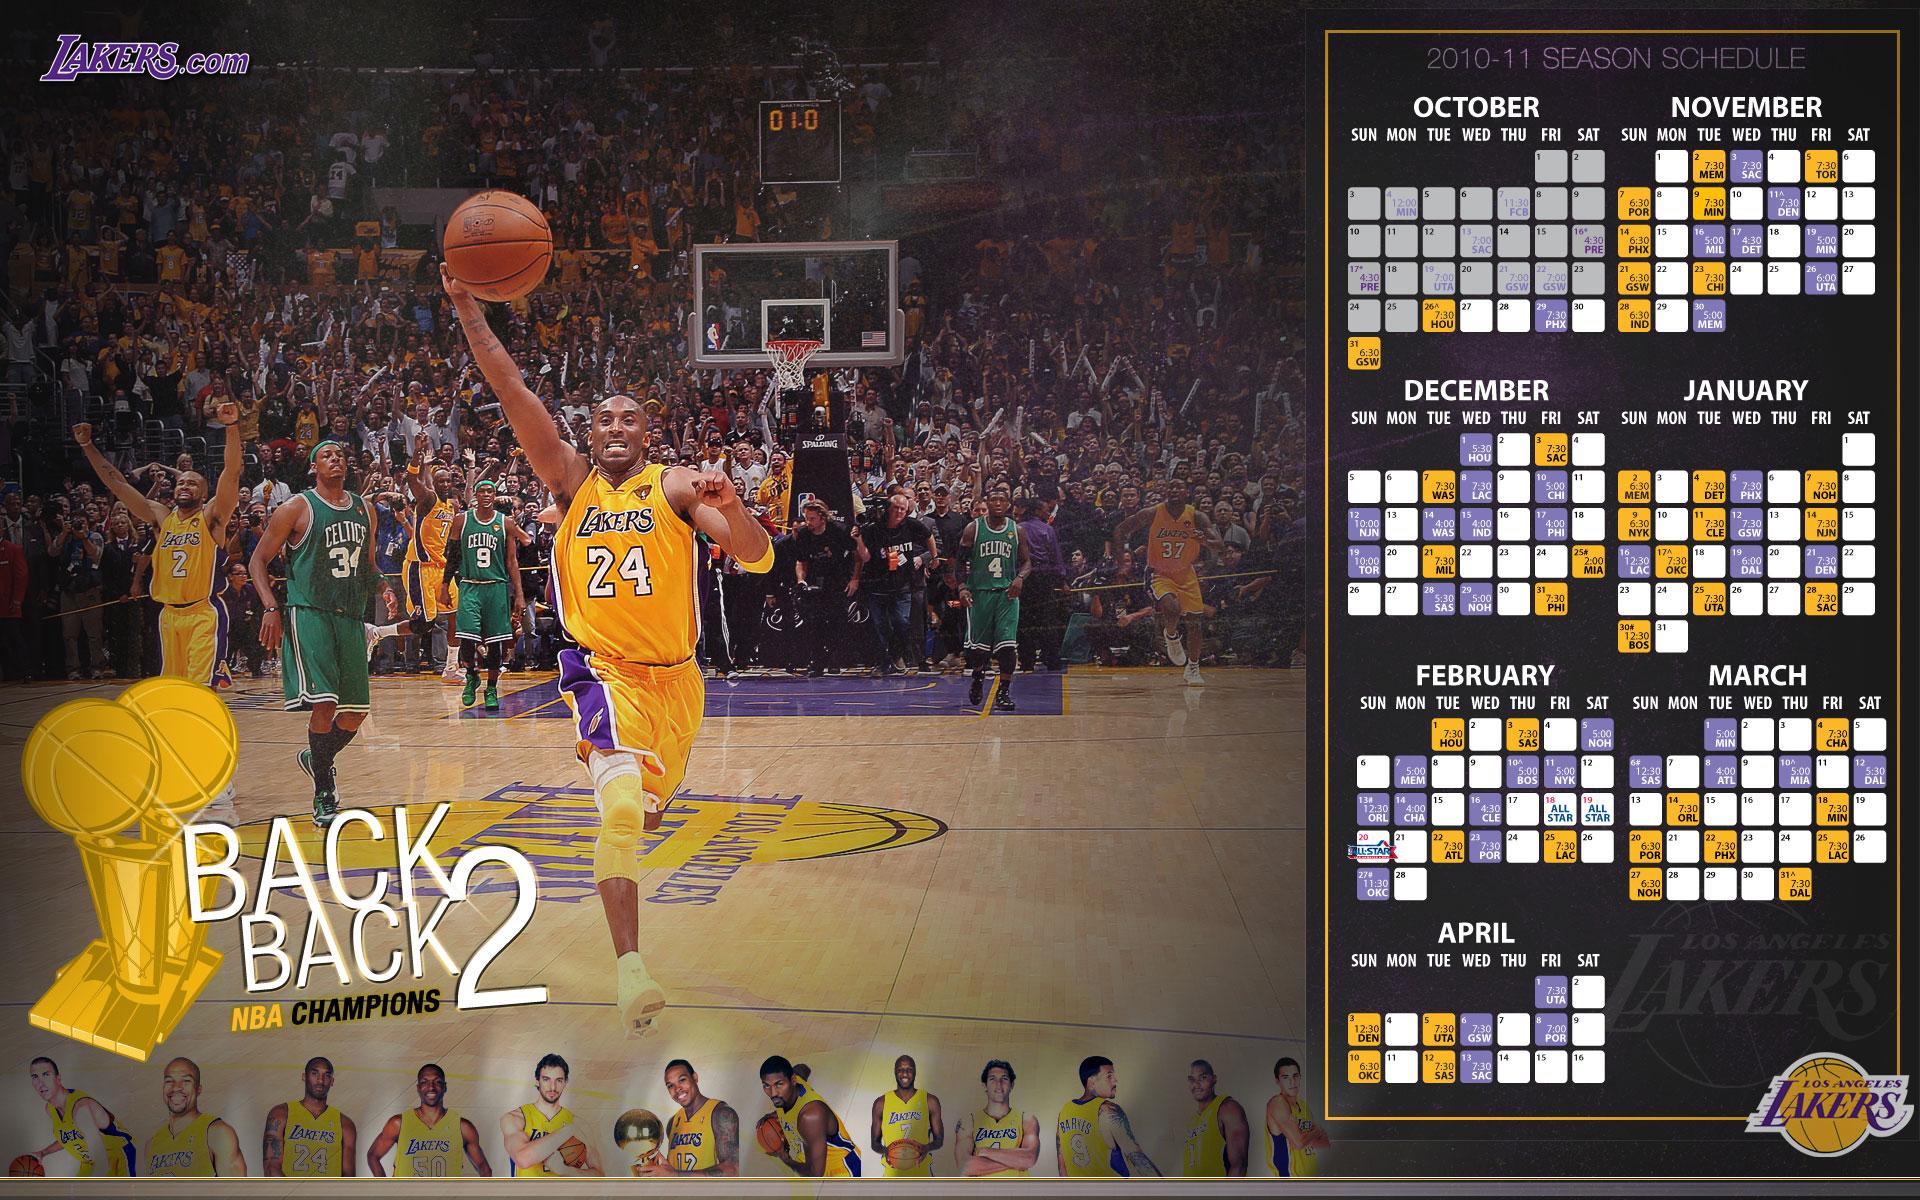 LA Lakers 2010 11 Schedule Widescreen Wallpaper